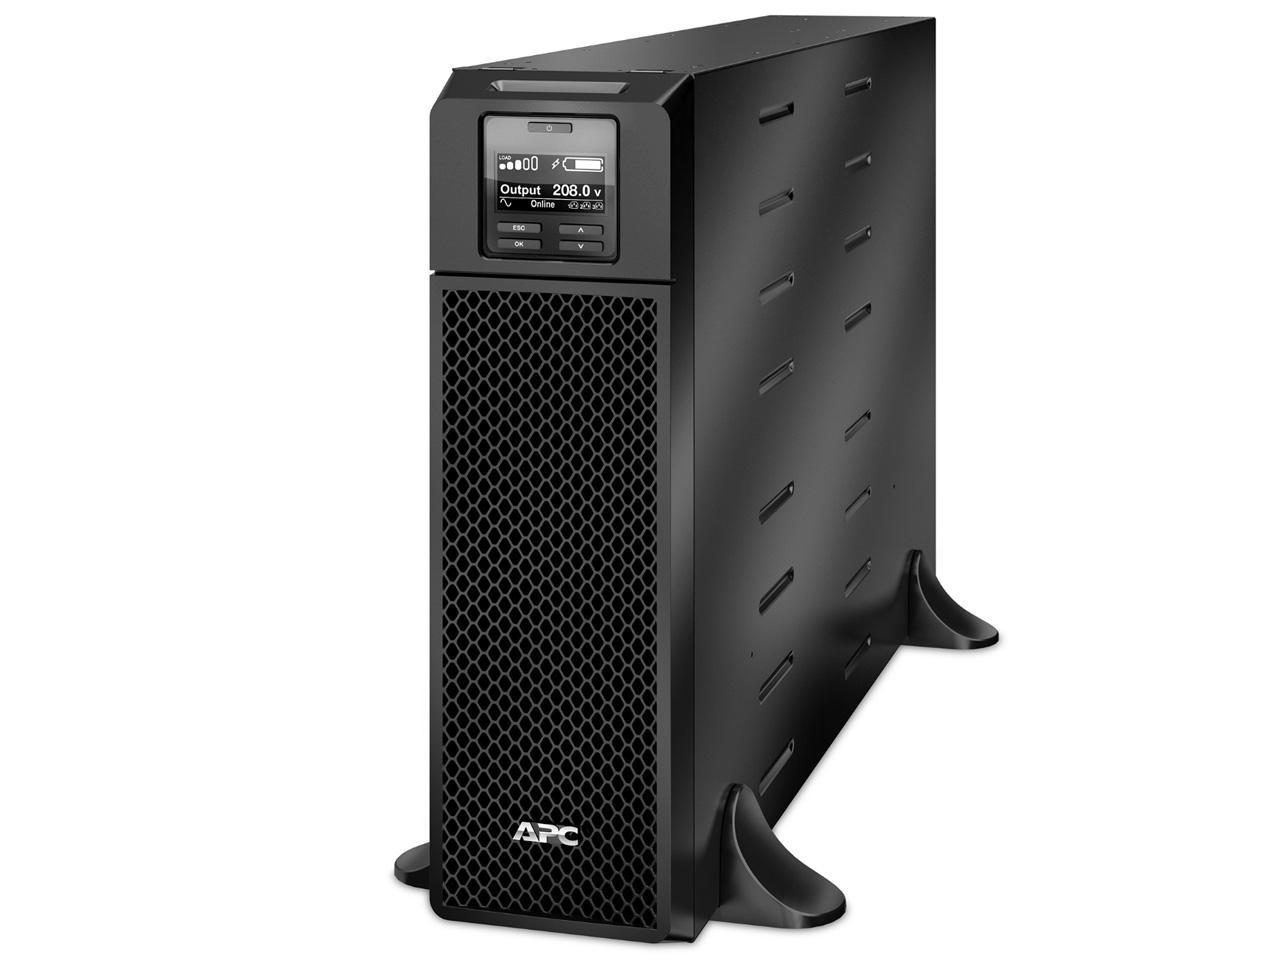 シュナイダーエレクトリック(APC) APC Smart-UPS SRT 5000VA 200V 5年保証付きモデル SRT5KXLJ5W(SRT5KXLJ5W)【smtb-s】